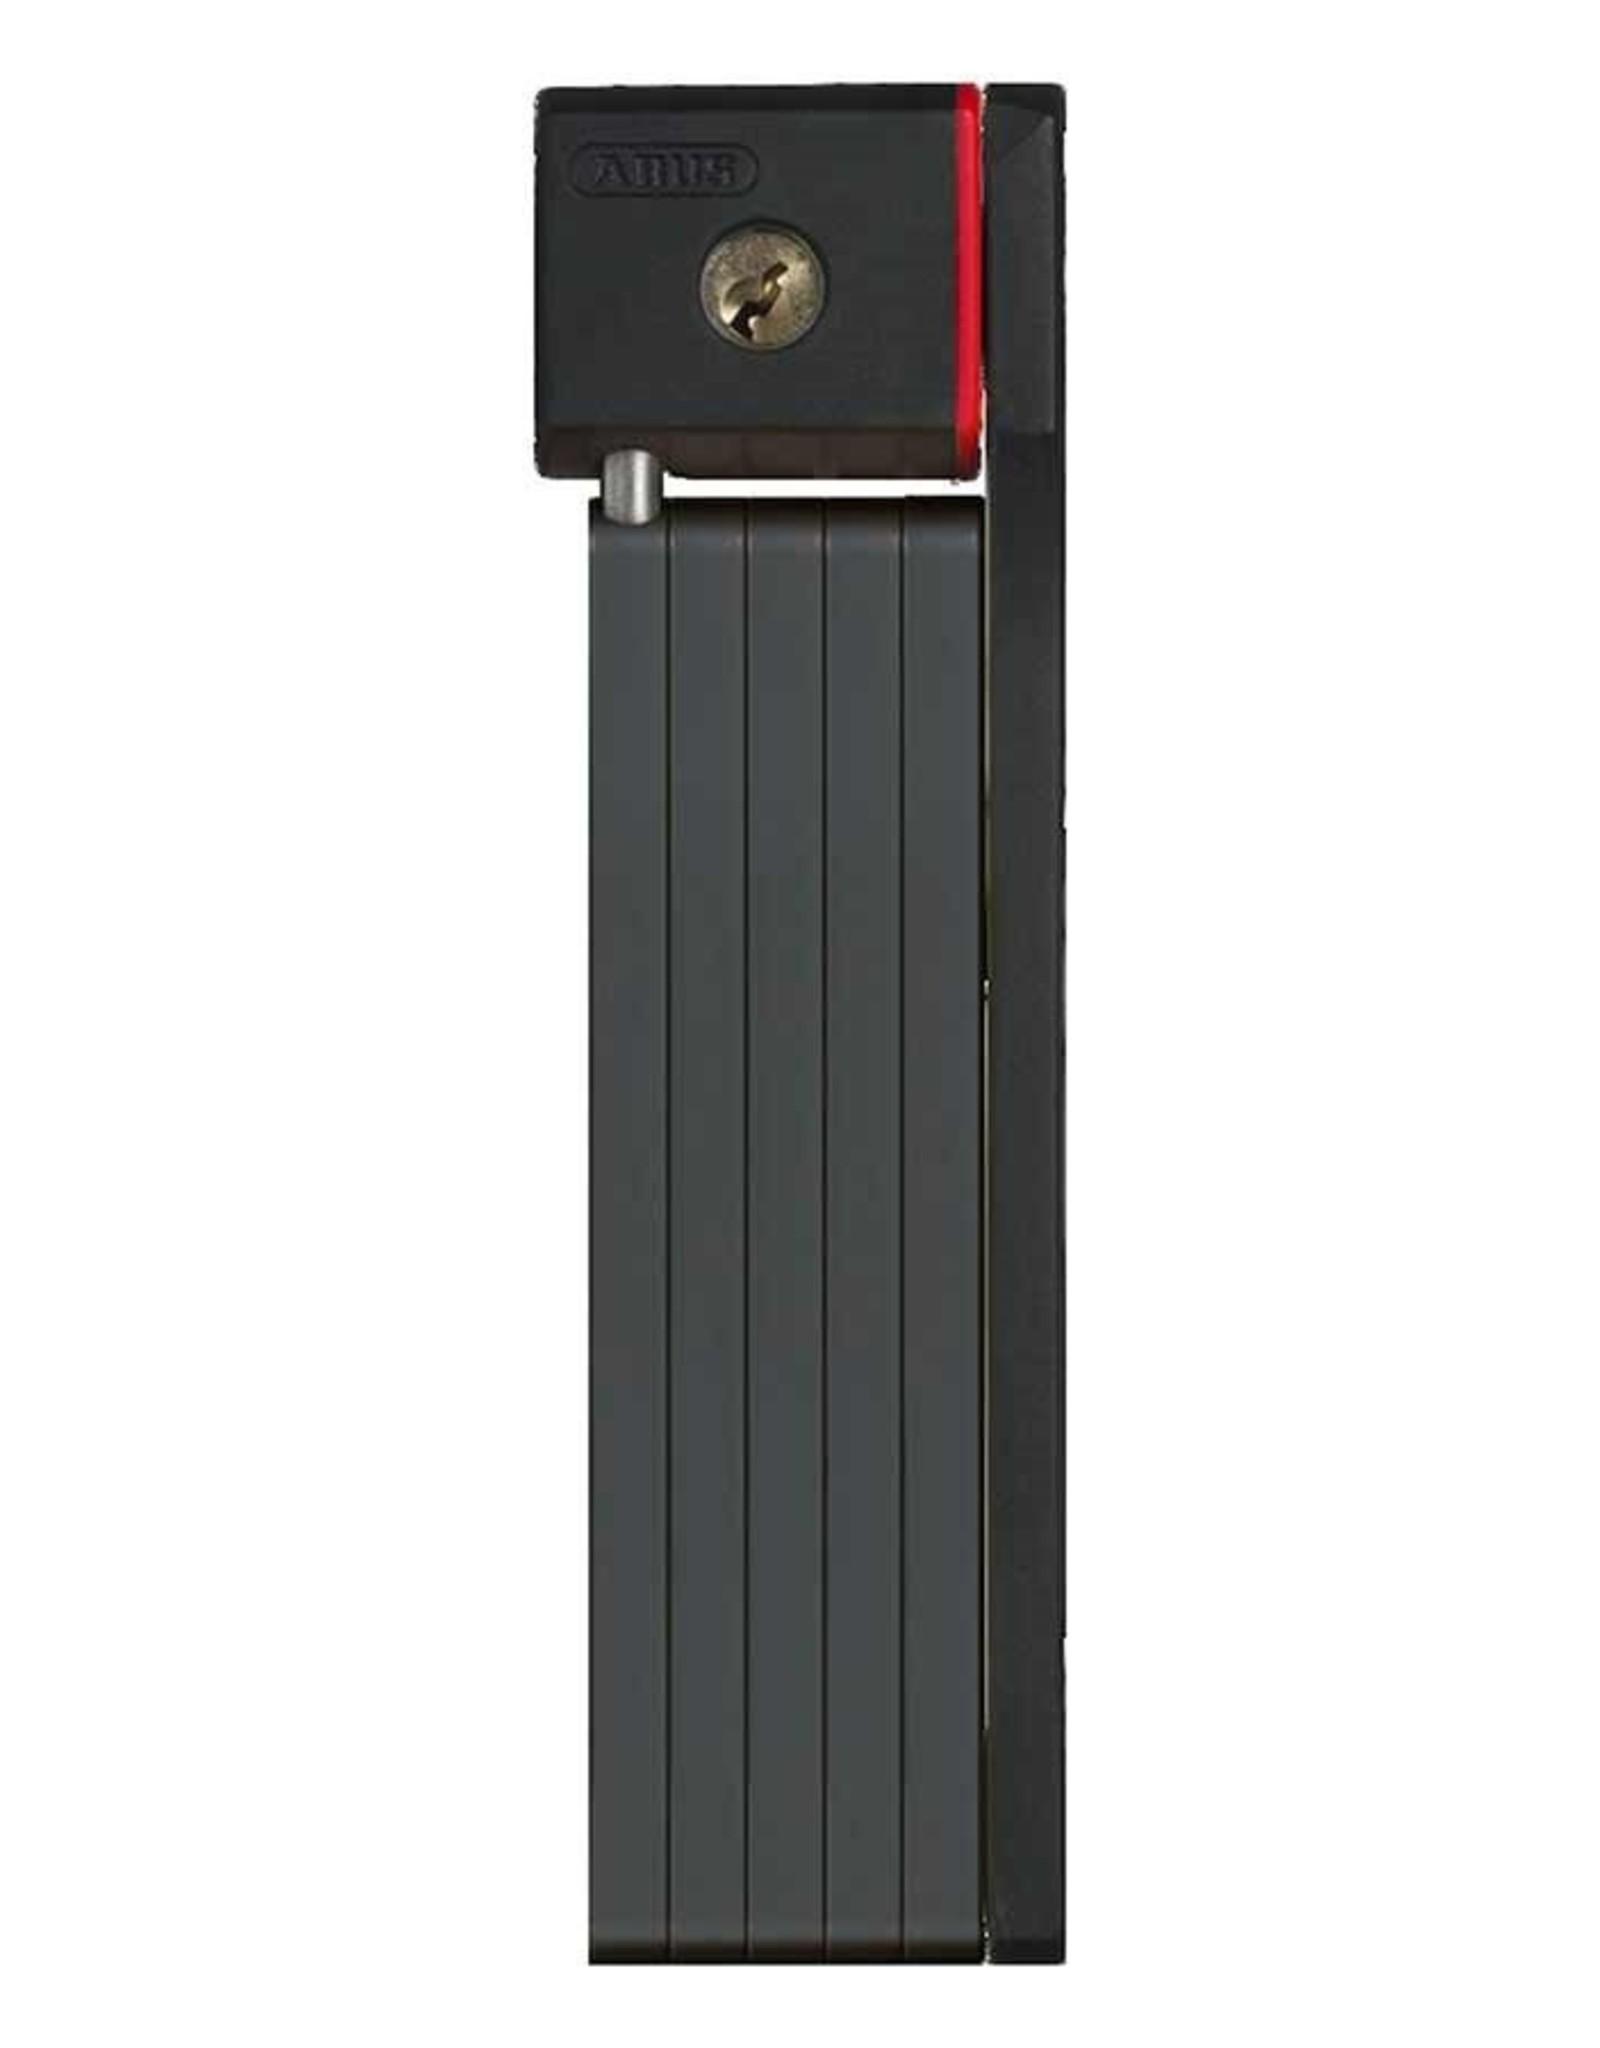 Abus Abus, Ugrip Bordo 5700, Cadenas pliable avec serrure à clé, 80cm (2.6'), Noir